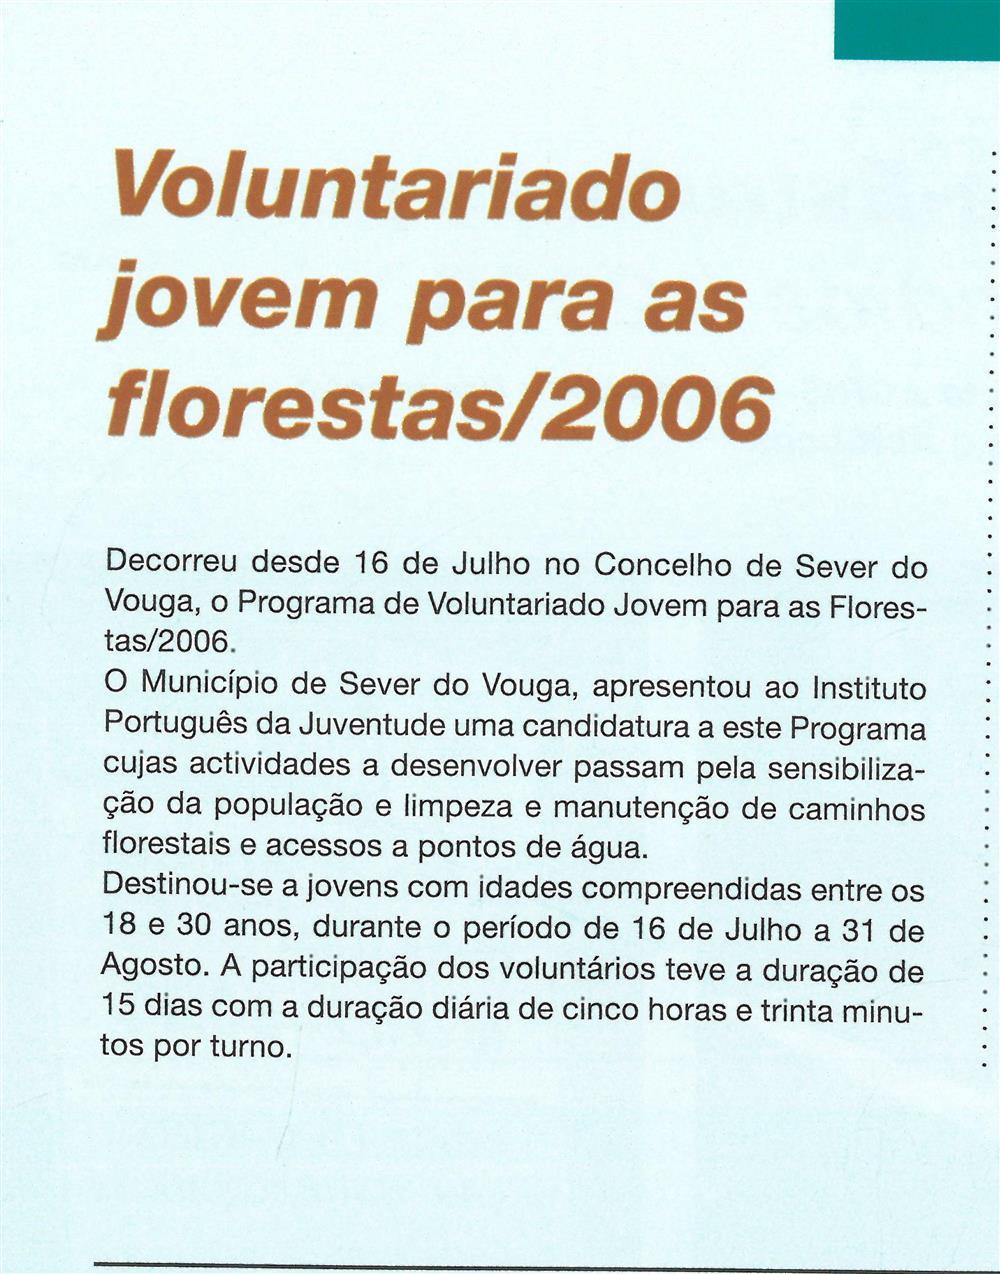 BoletimMunicipal-n.º 20-set.'06-p.5-Proteção civil : voluntariado jovem para as florestas 2006.jpg